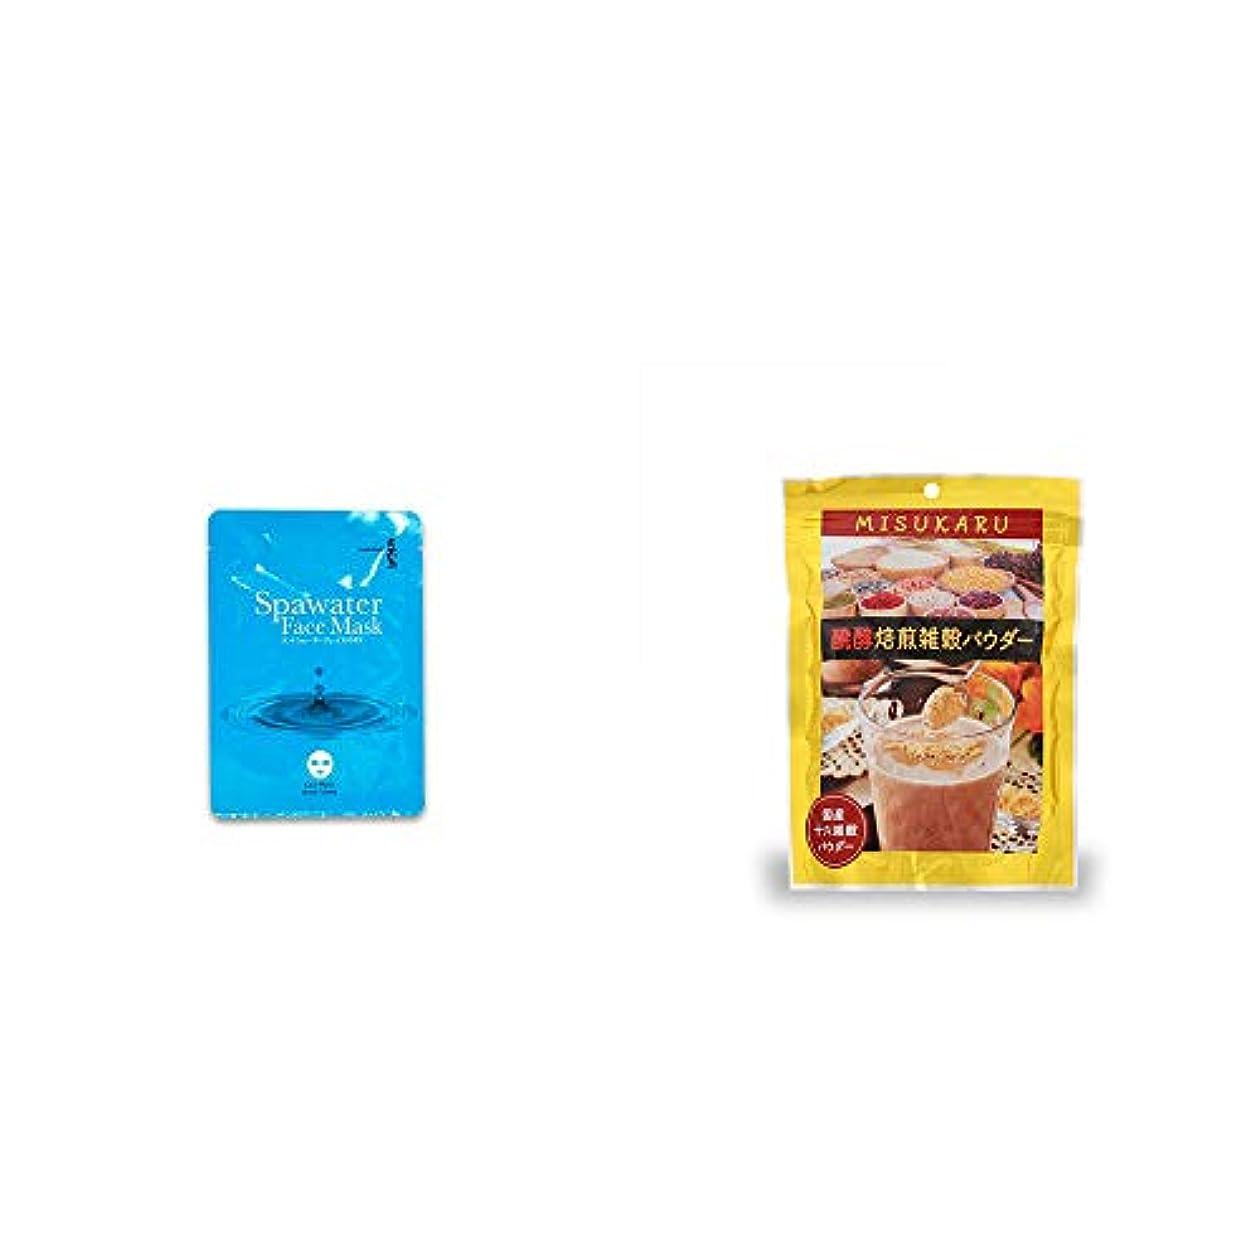 救援憂慮すべき息切れ[2点セット] ひのき炭黒泉 スパウォーターフェイスマスク(18ml×3枚入)?醗酵焙煎雑穀パウダー MISUKARU(ミスカル)(200g)